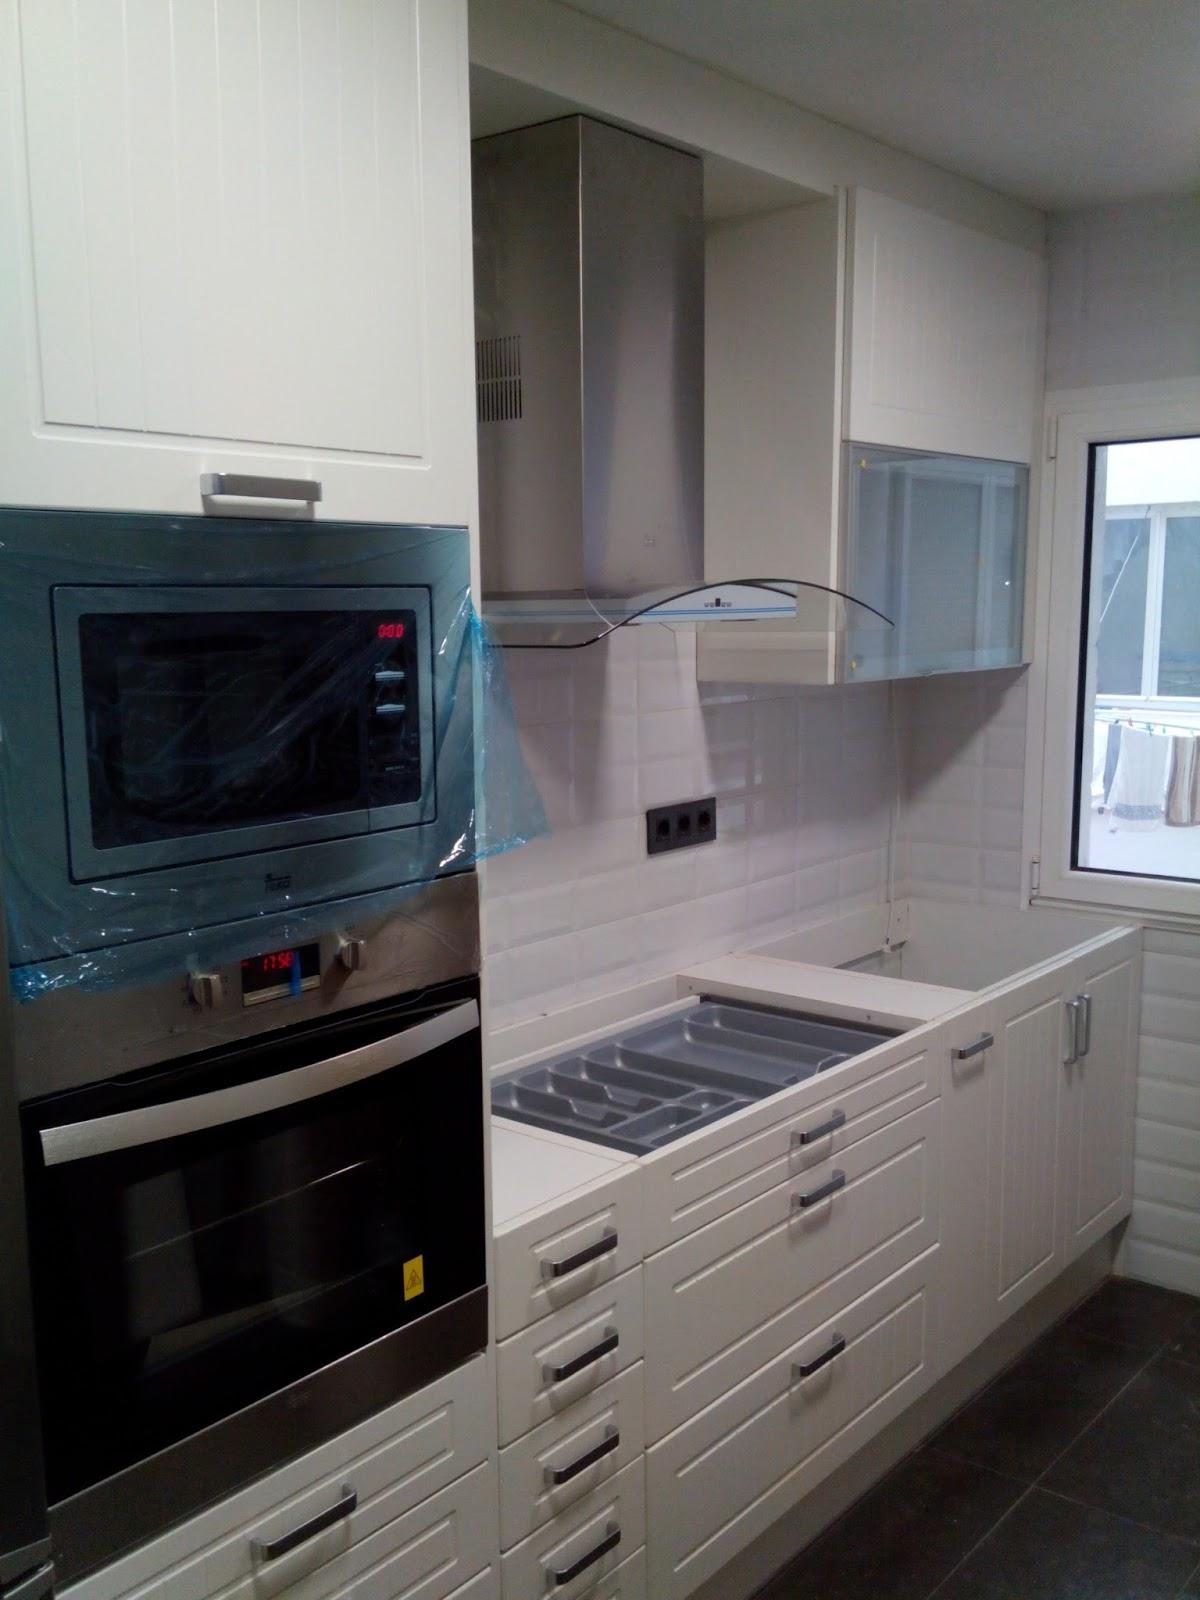 Indicoc muebles de cocina: Cocina Maite (Oviedo)